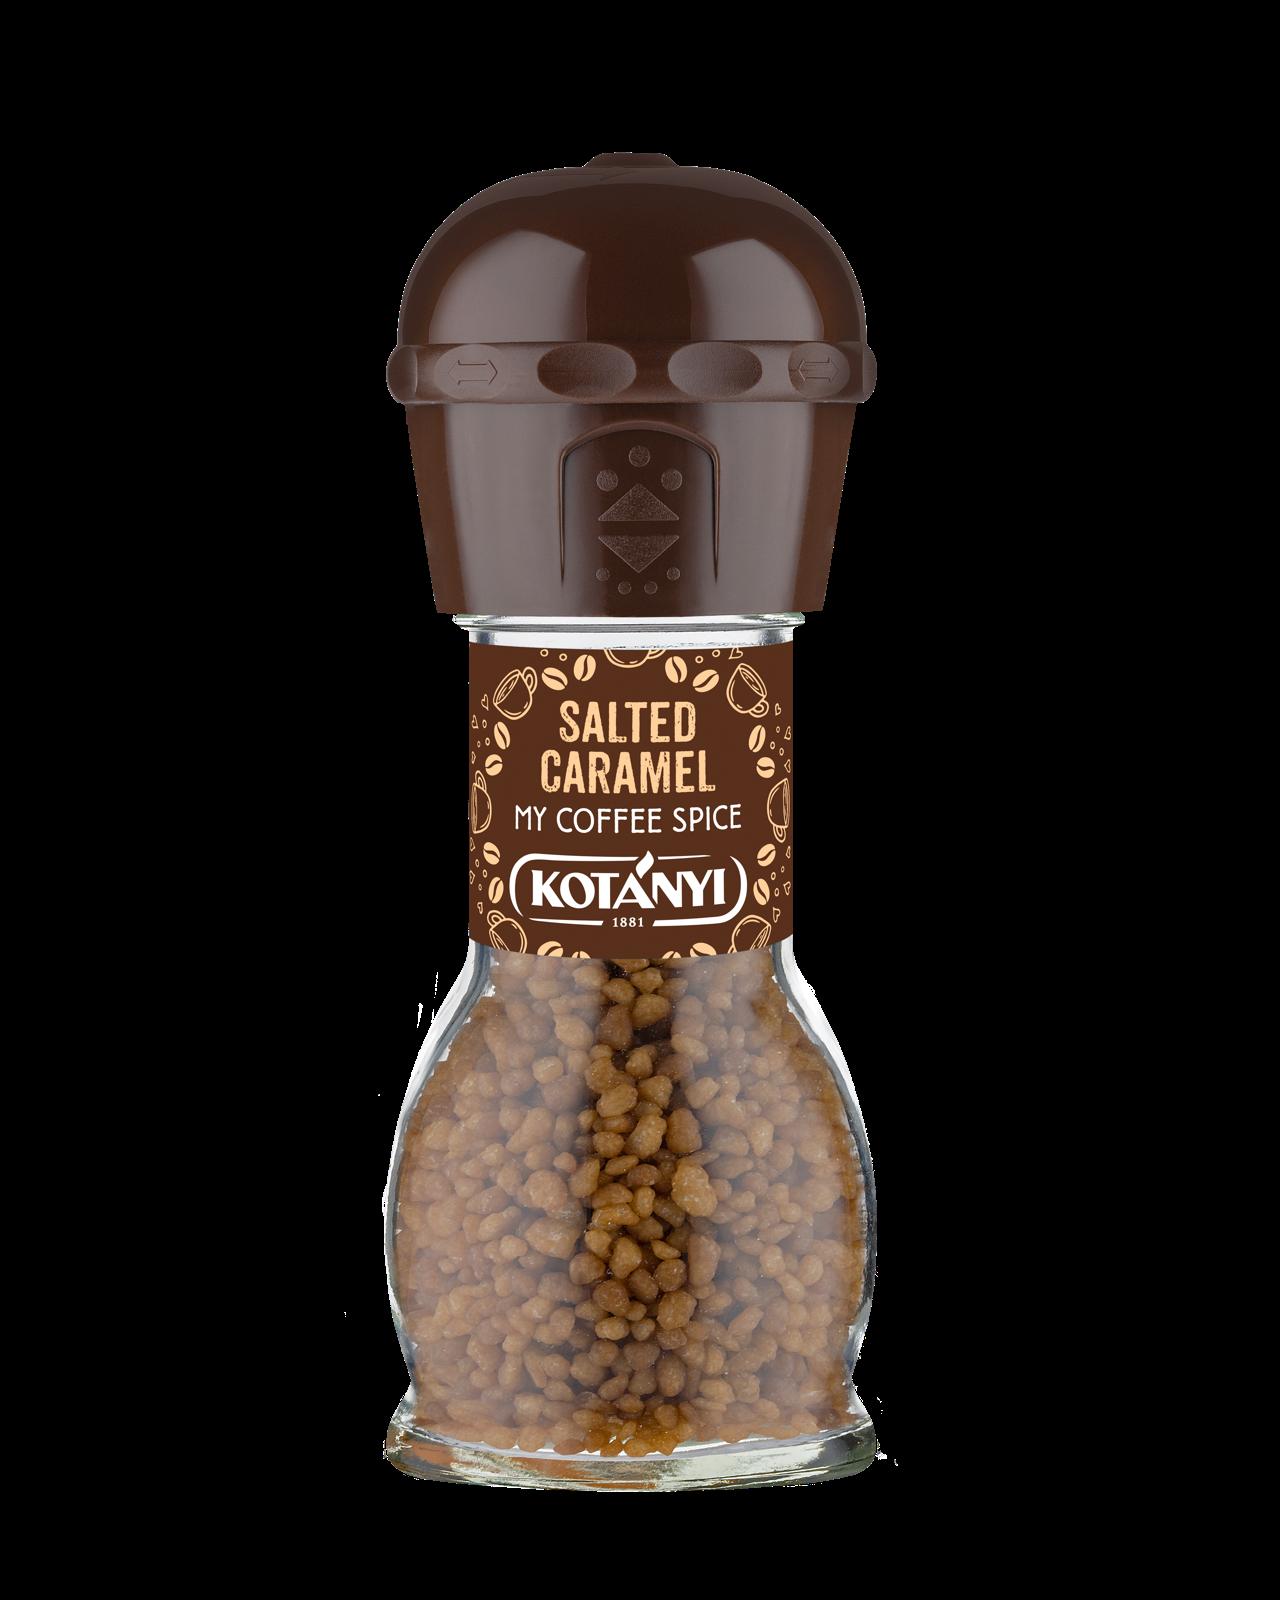 Salted Caramel Kotanyi Muehle Edit